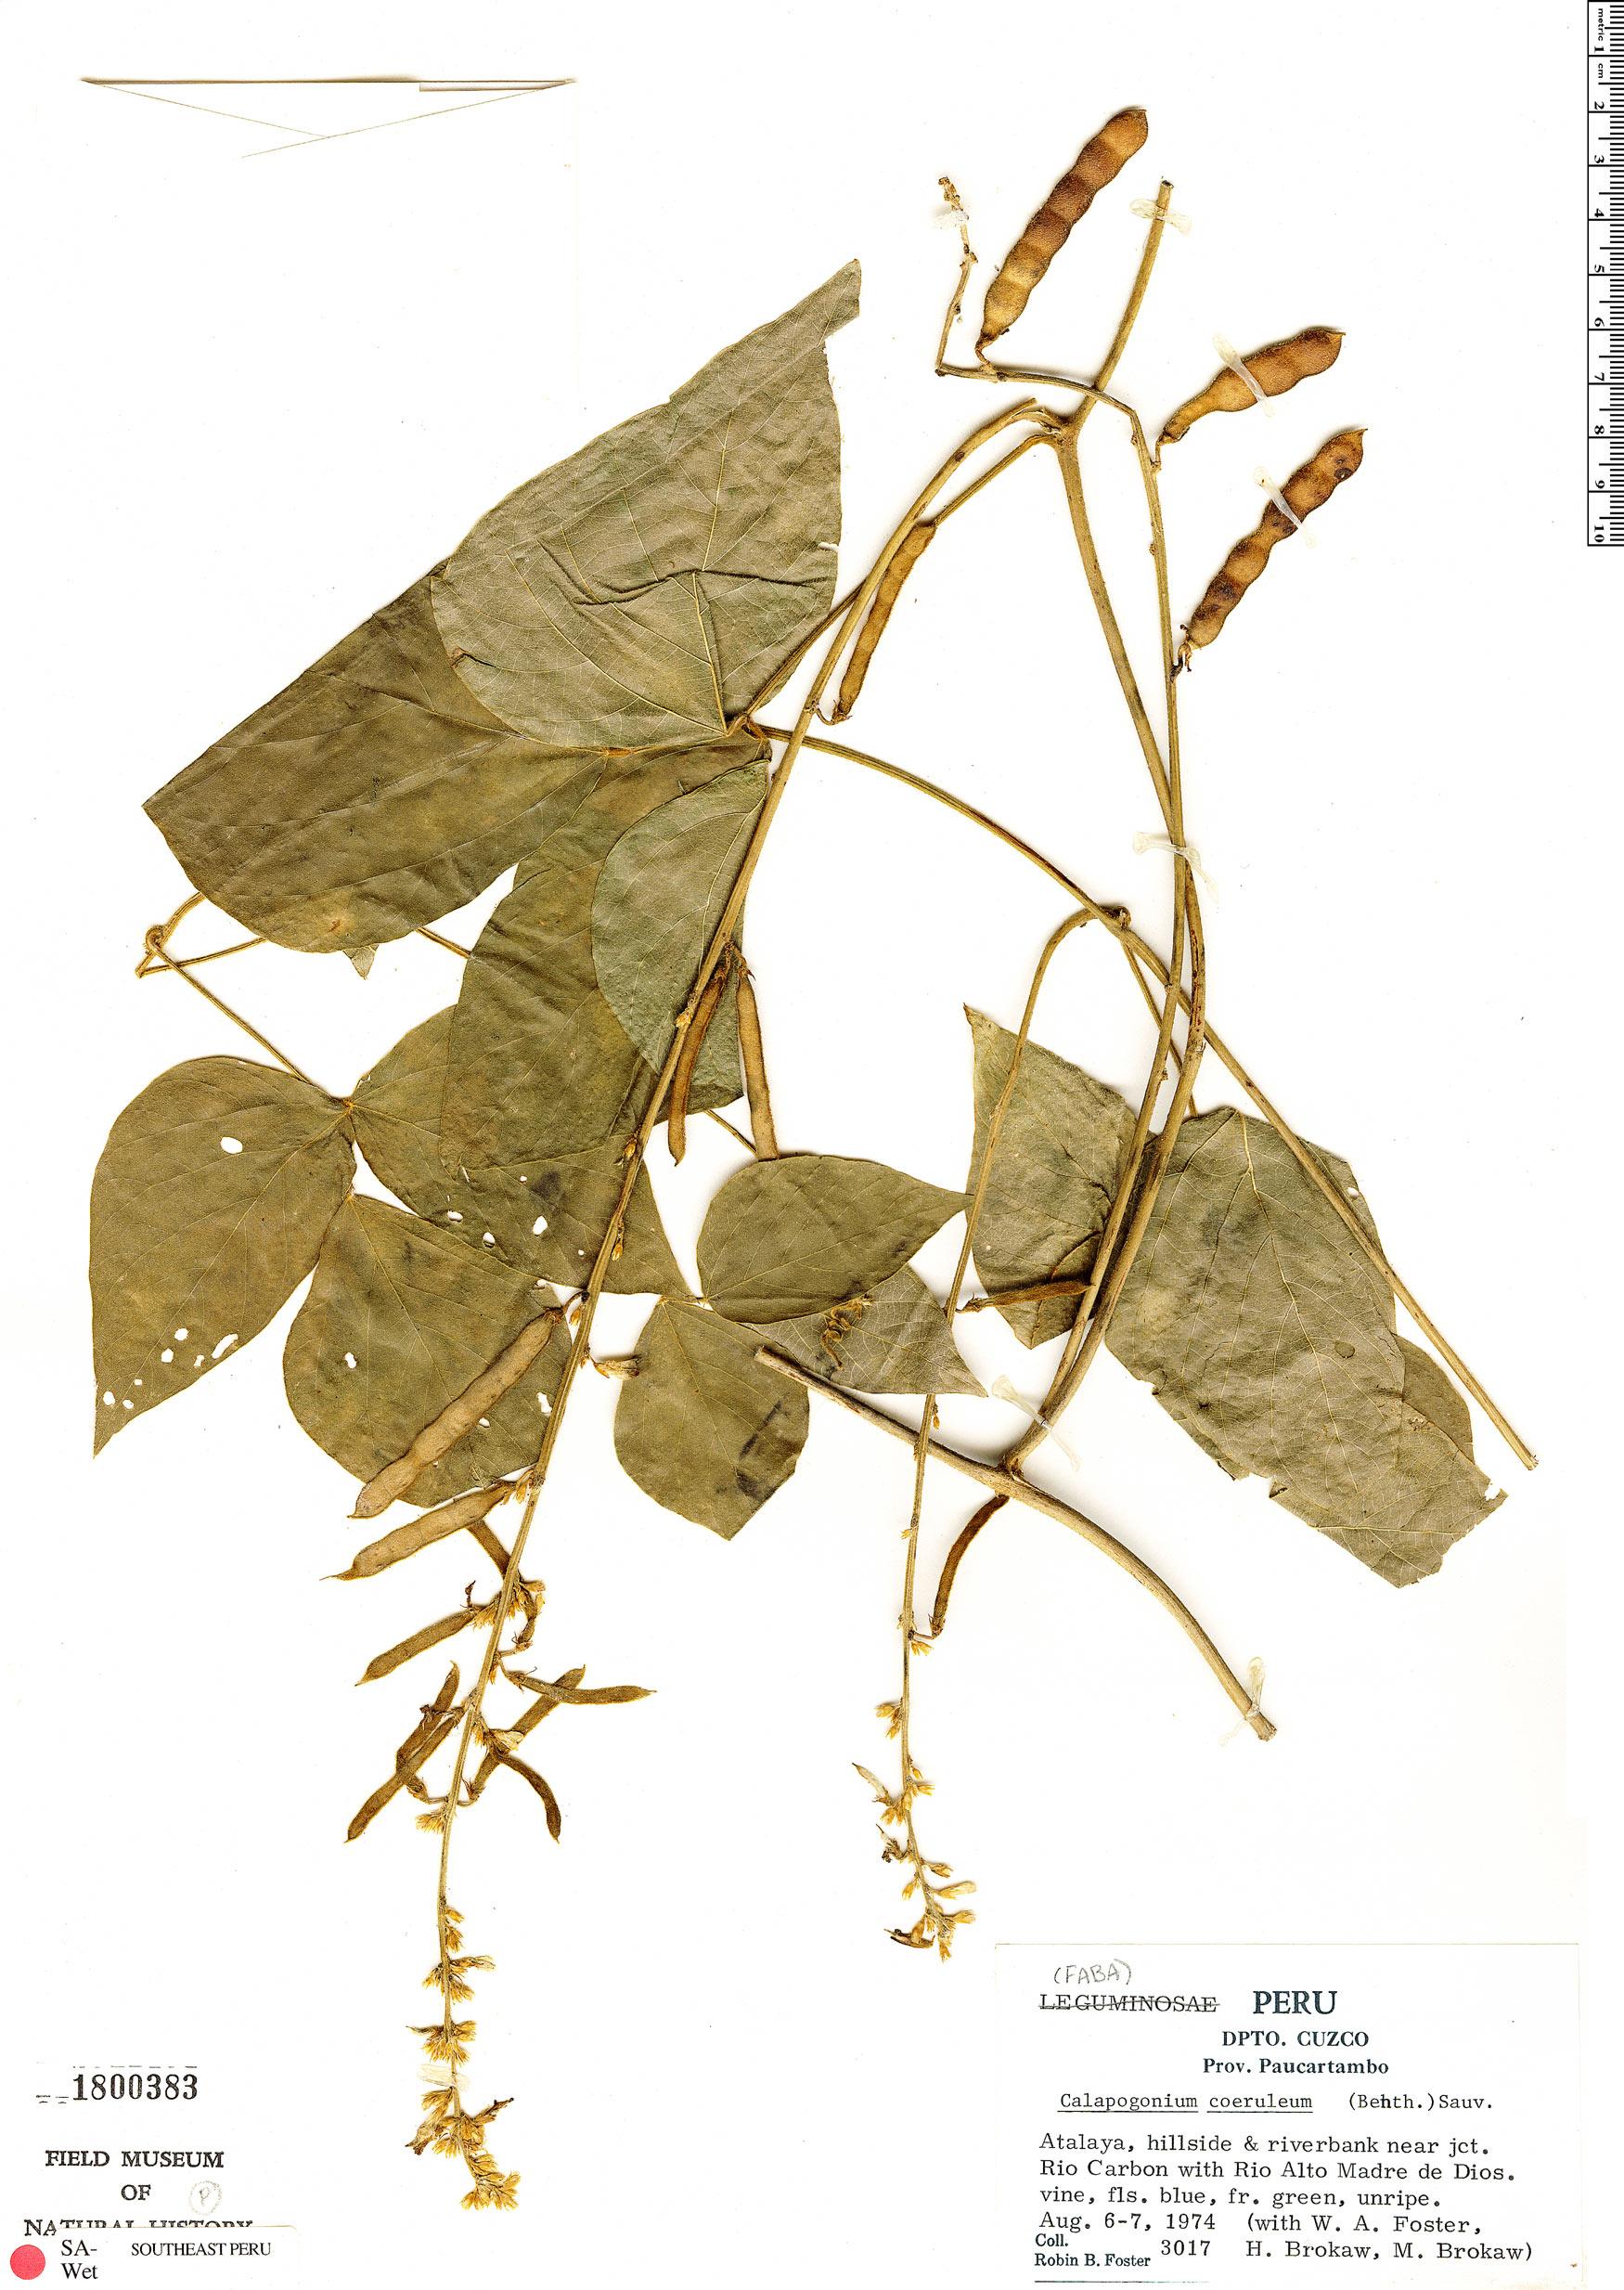 Specimen: Calopogonium caeruleum